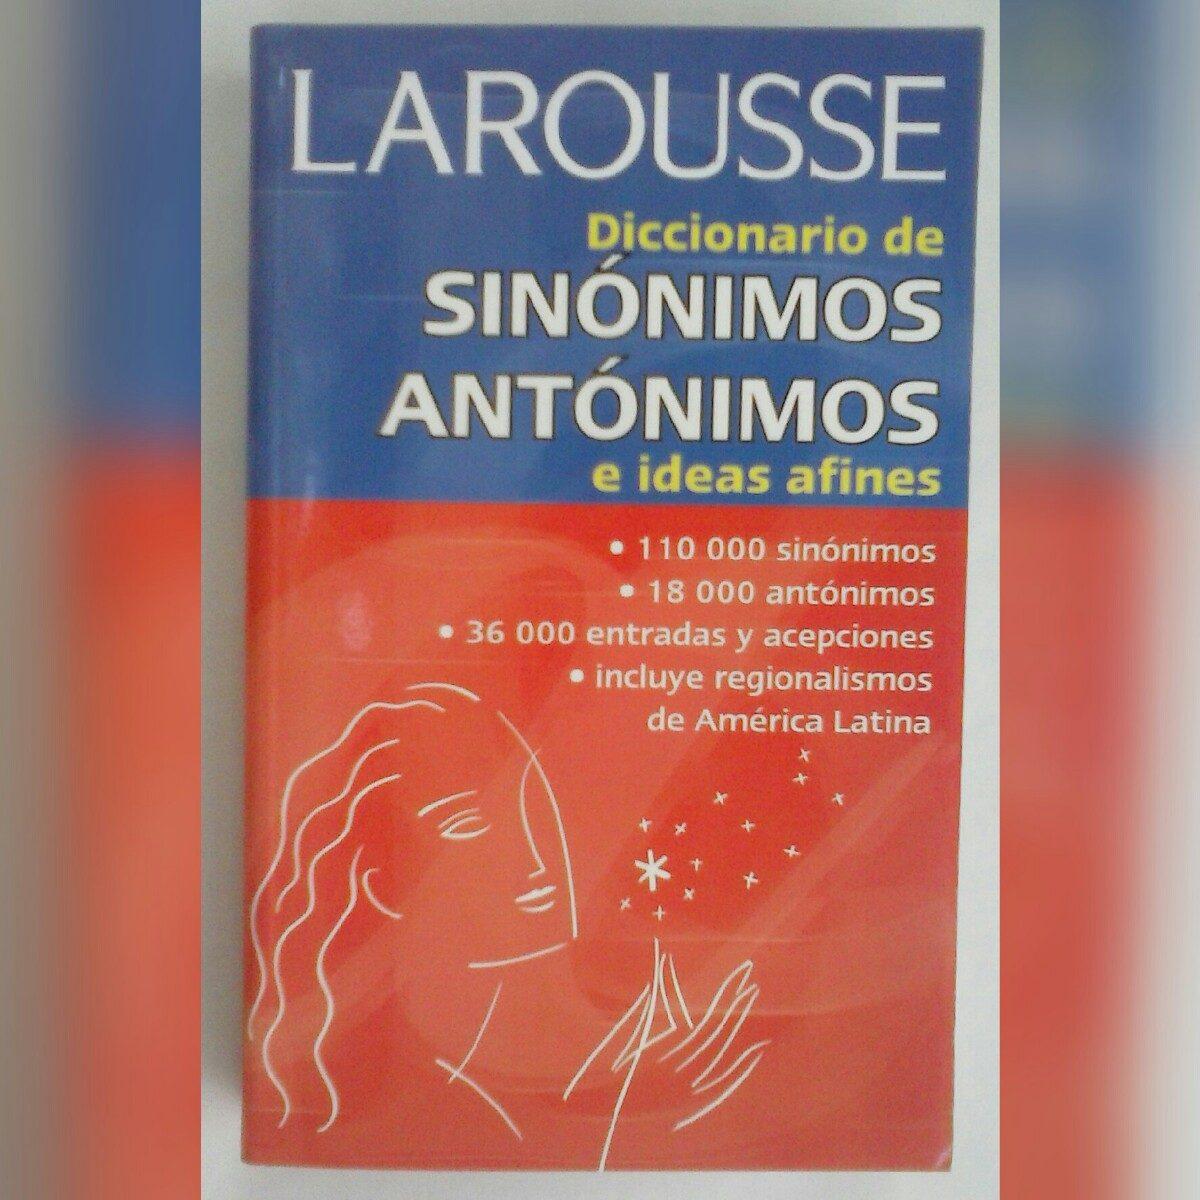 Diccionario De Sinonimos Y Antonimos - Bs. 1.480.000,00 en ... - photo#34